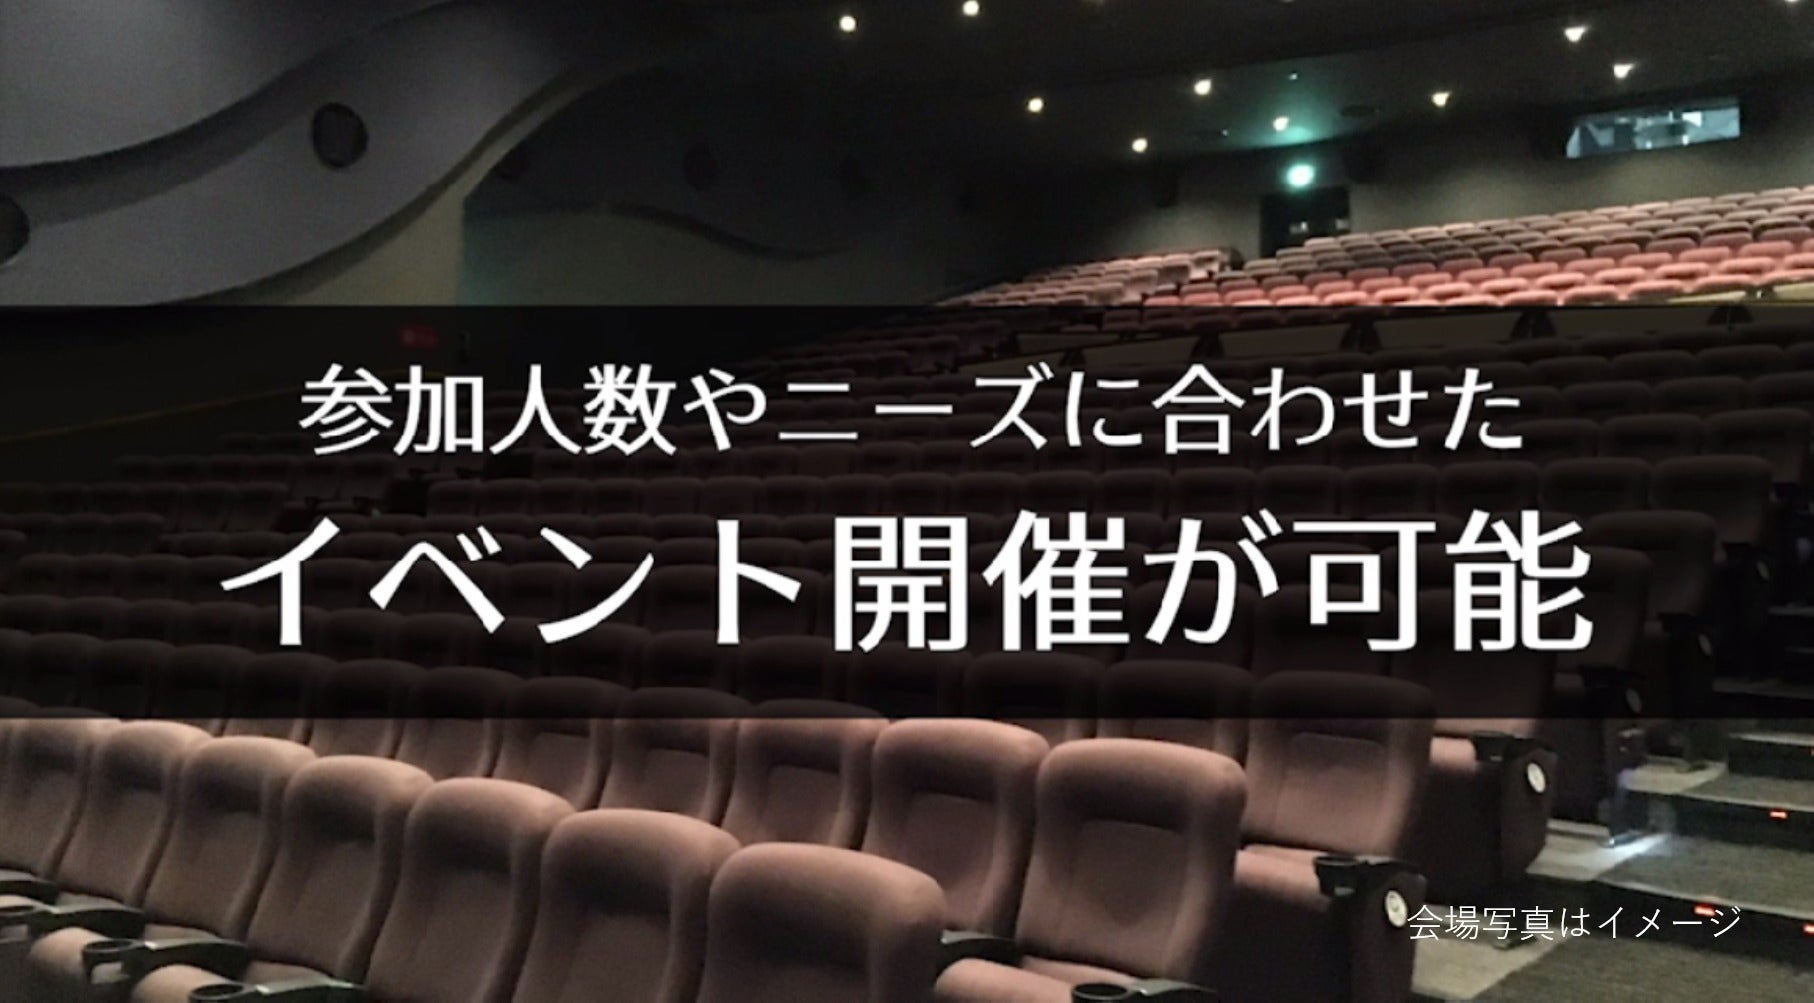 【長崎 172席】映画館で、会社説明会、株主総会、講演会の企画はいかがですか?